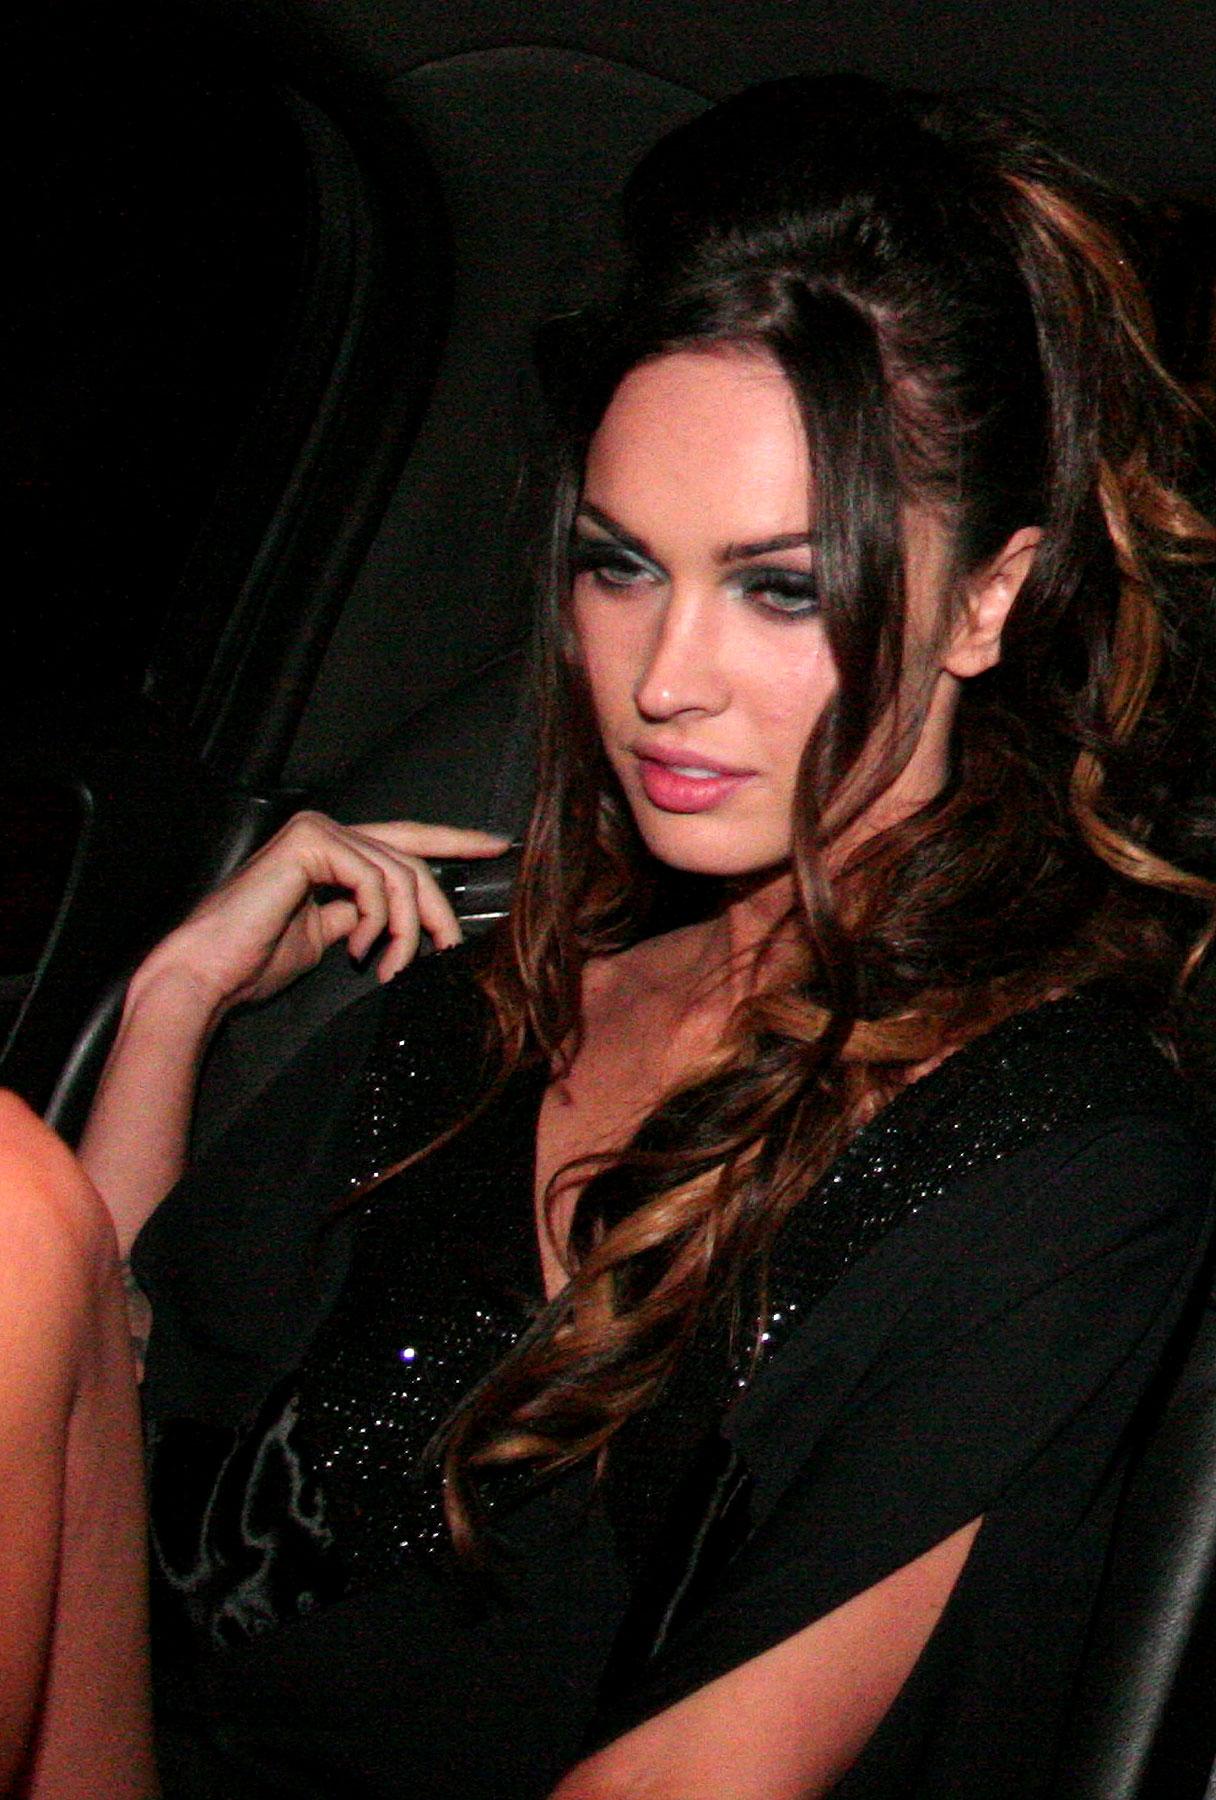 Megan Fox Rides Into the Night Solo